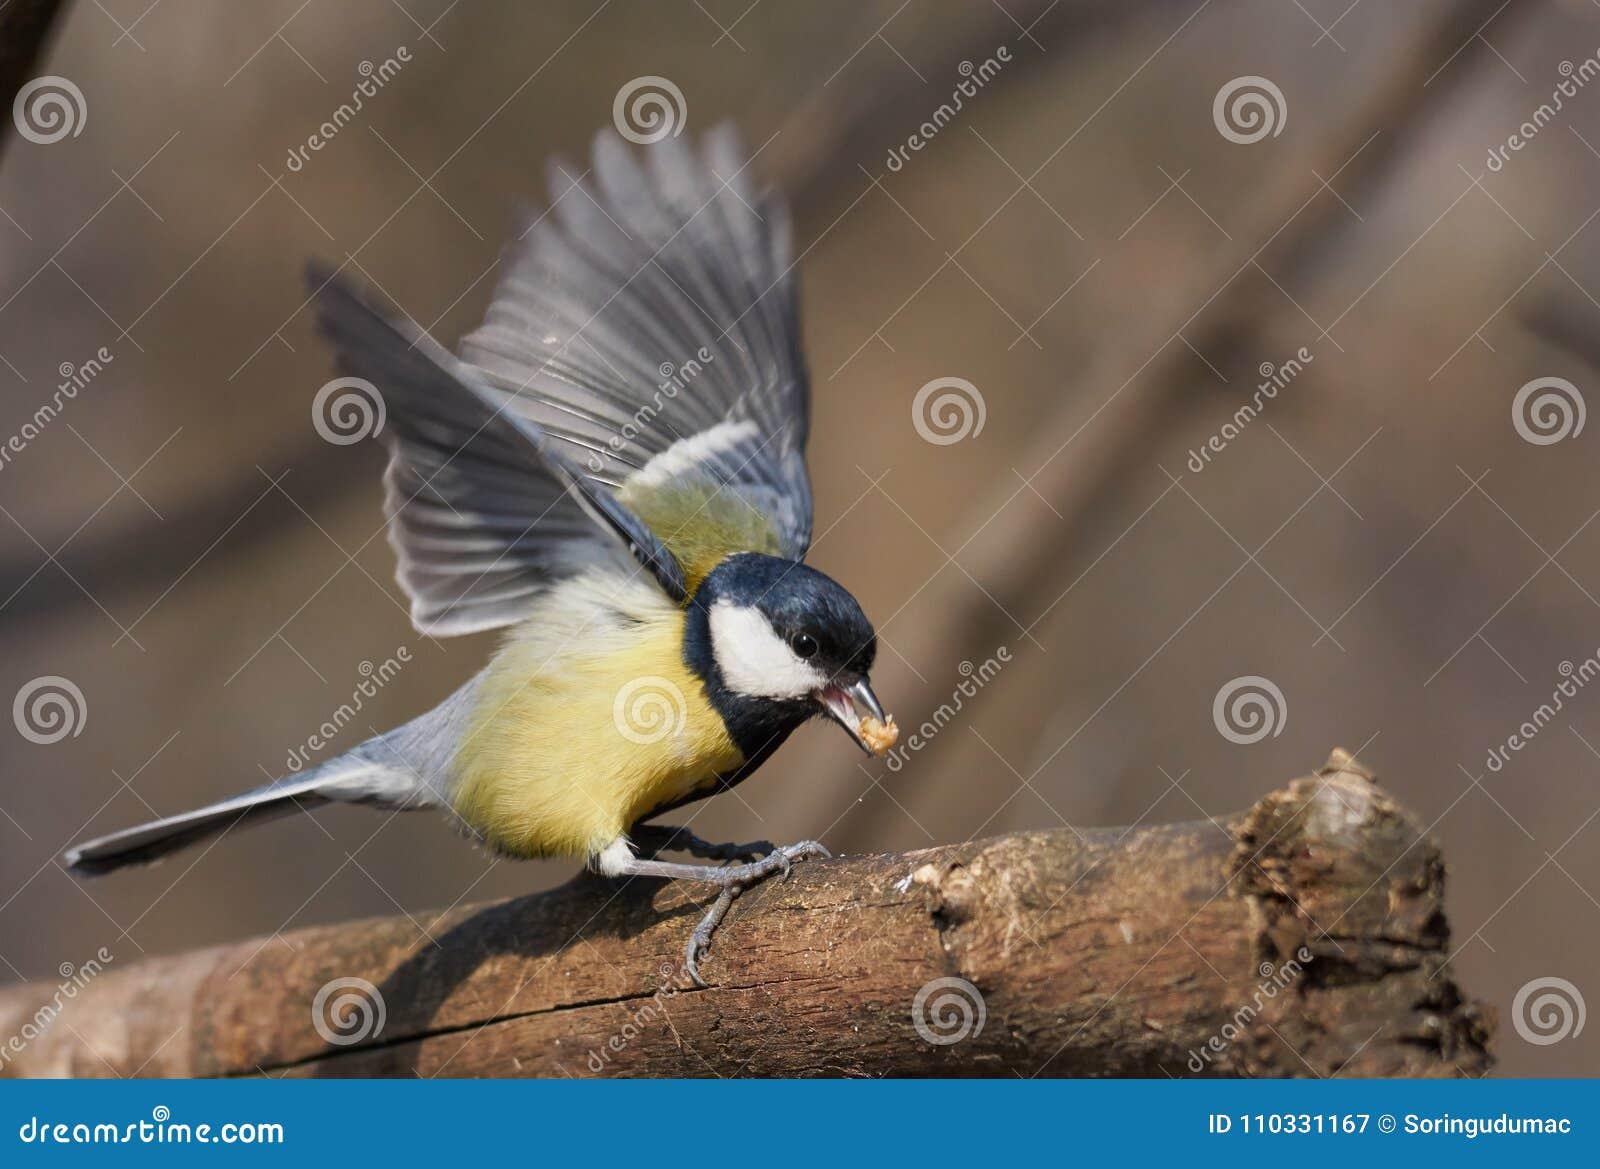 μεγάλο μαύρο πουλί συλλογή φωτογραφιών ώριμη λεσβία σαγηνεύει ντροπαλός νεαρό κορίτσι